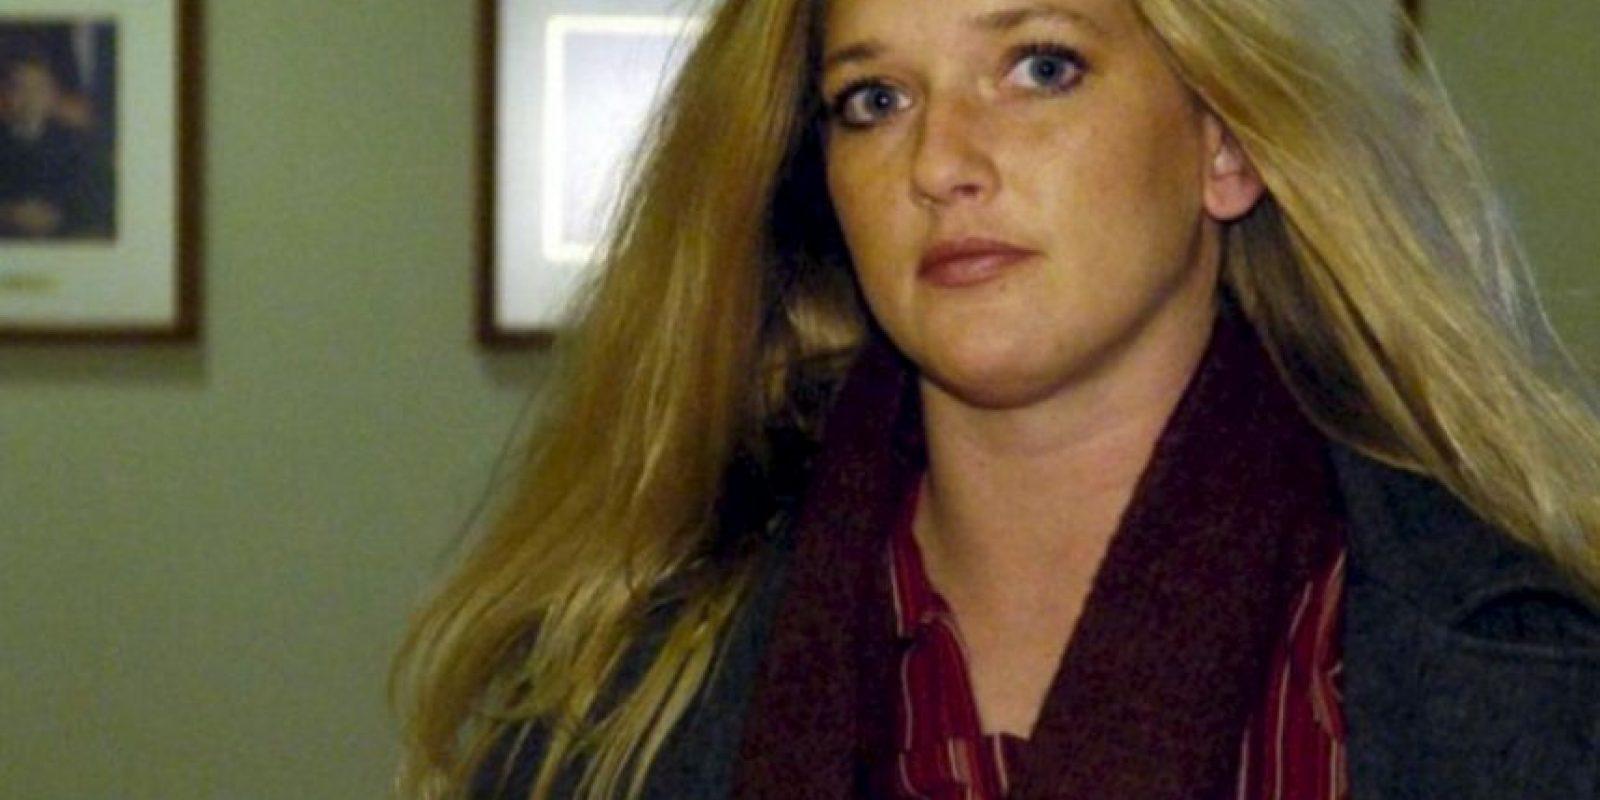 También fue acusada de tener sexo con un estudiante de 17 años. Foto:AP